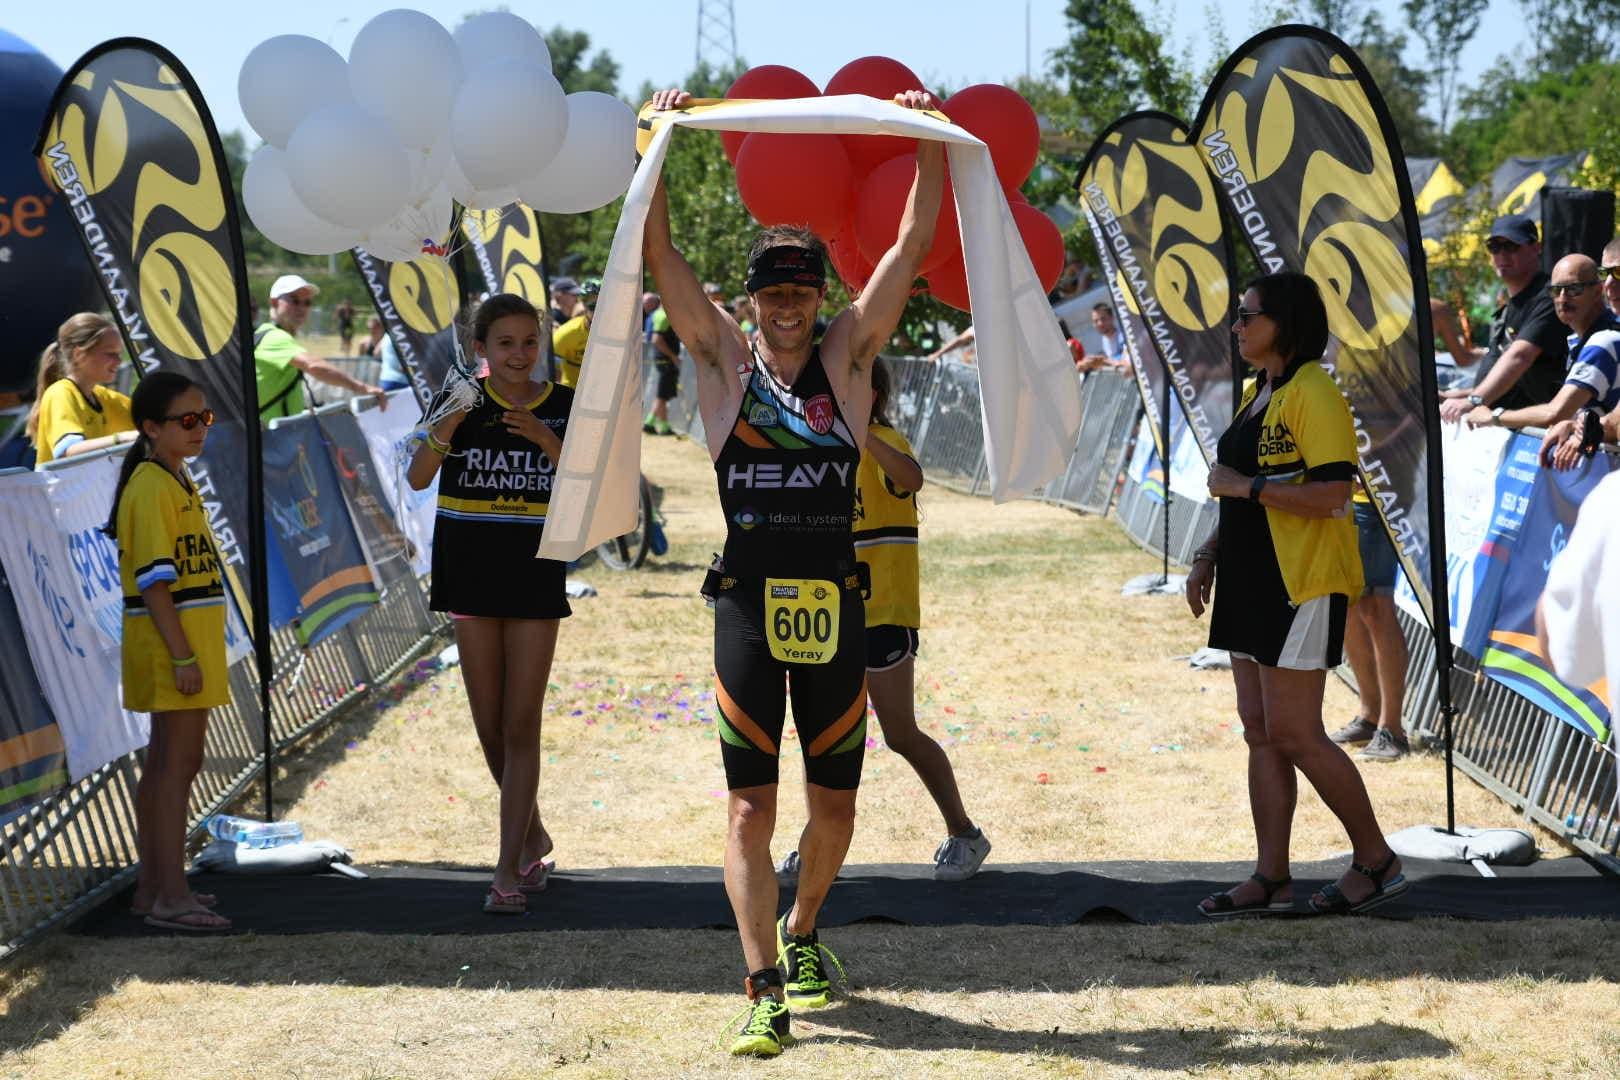 Yeray Luxem opnieuw Belgisch kampioen cross triatlon (foto: 3athlon.be/Mario Vanacker)